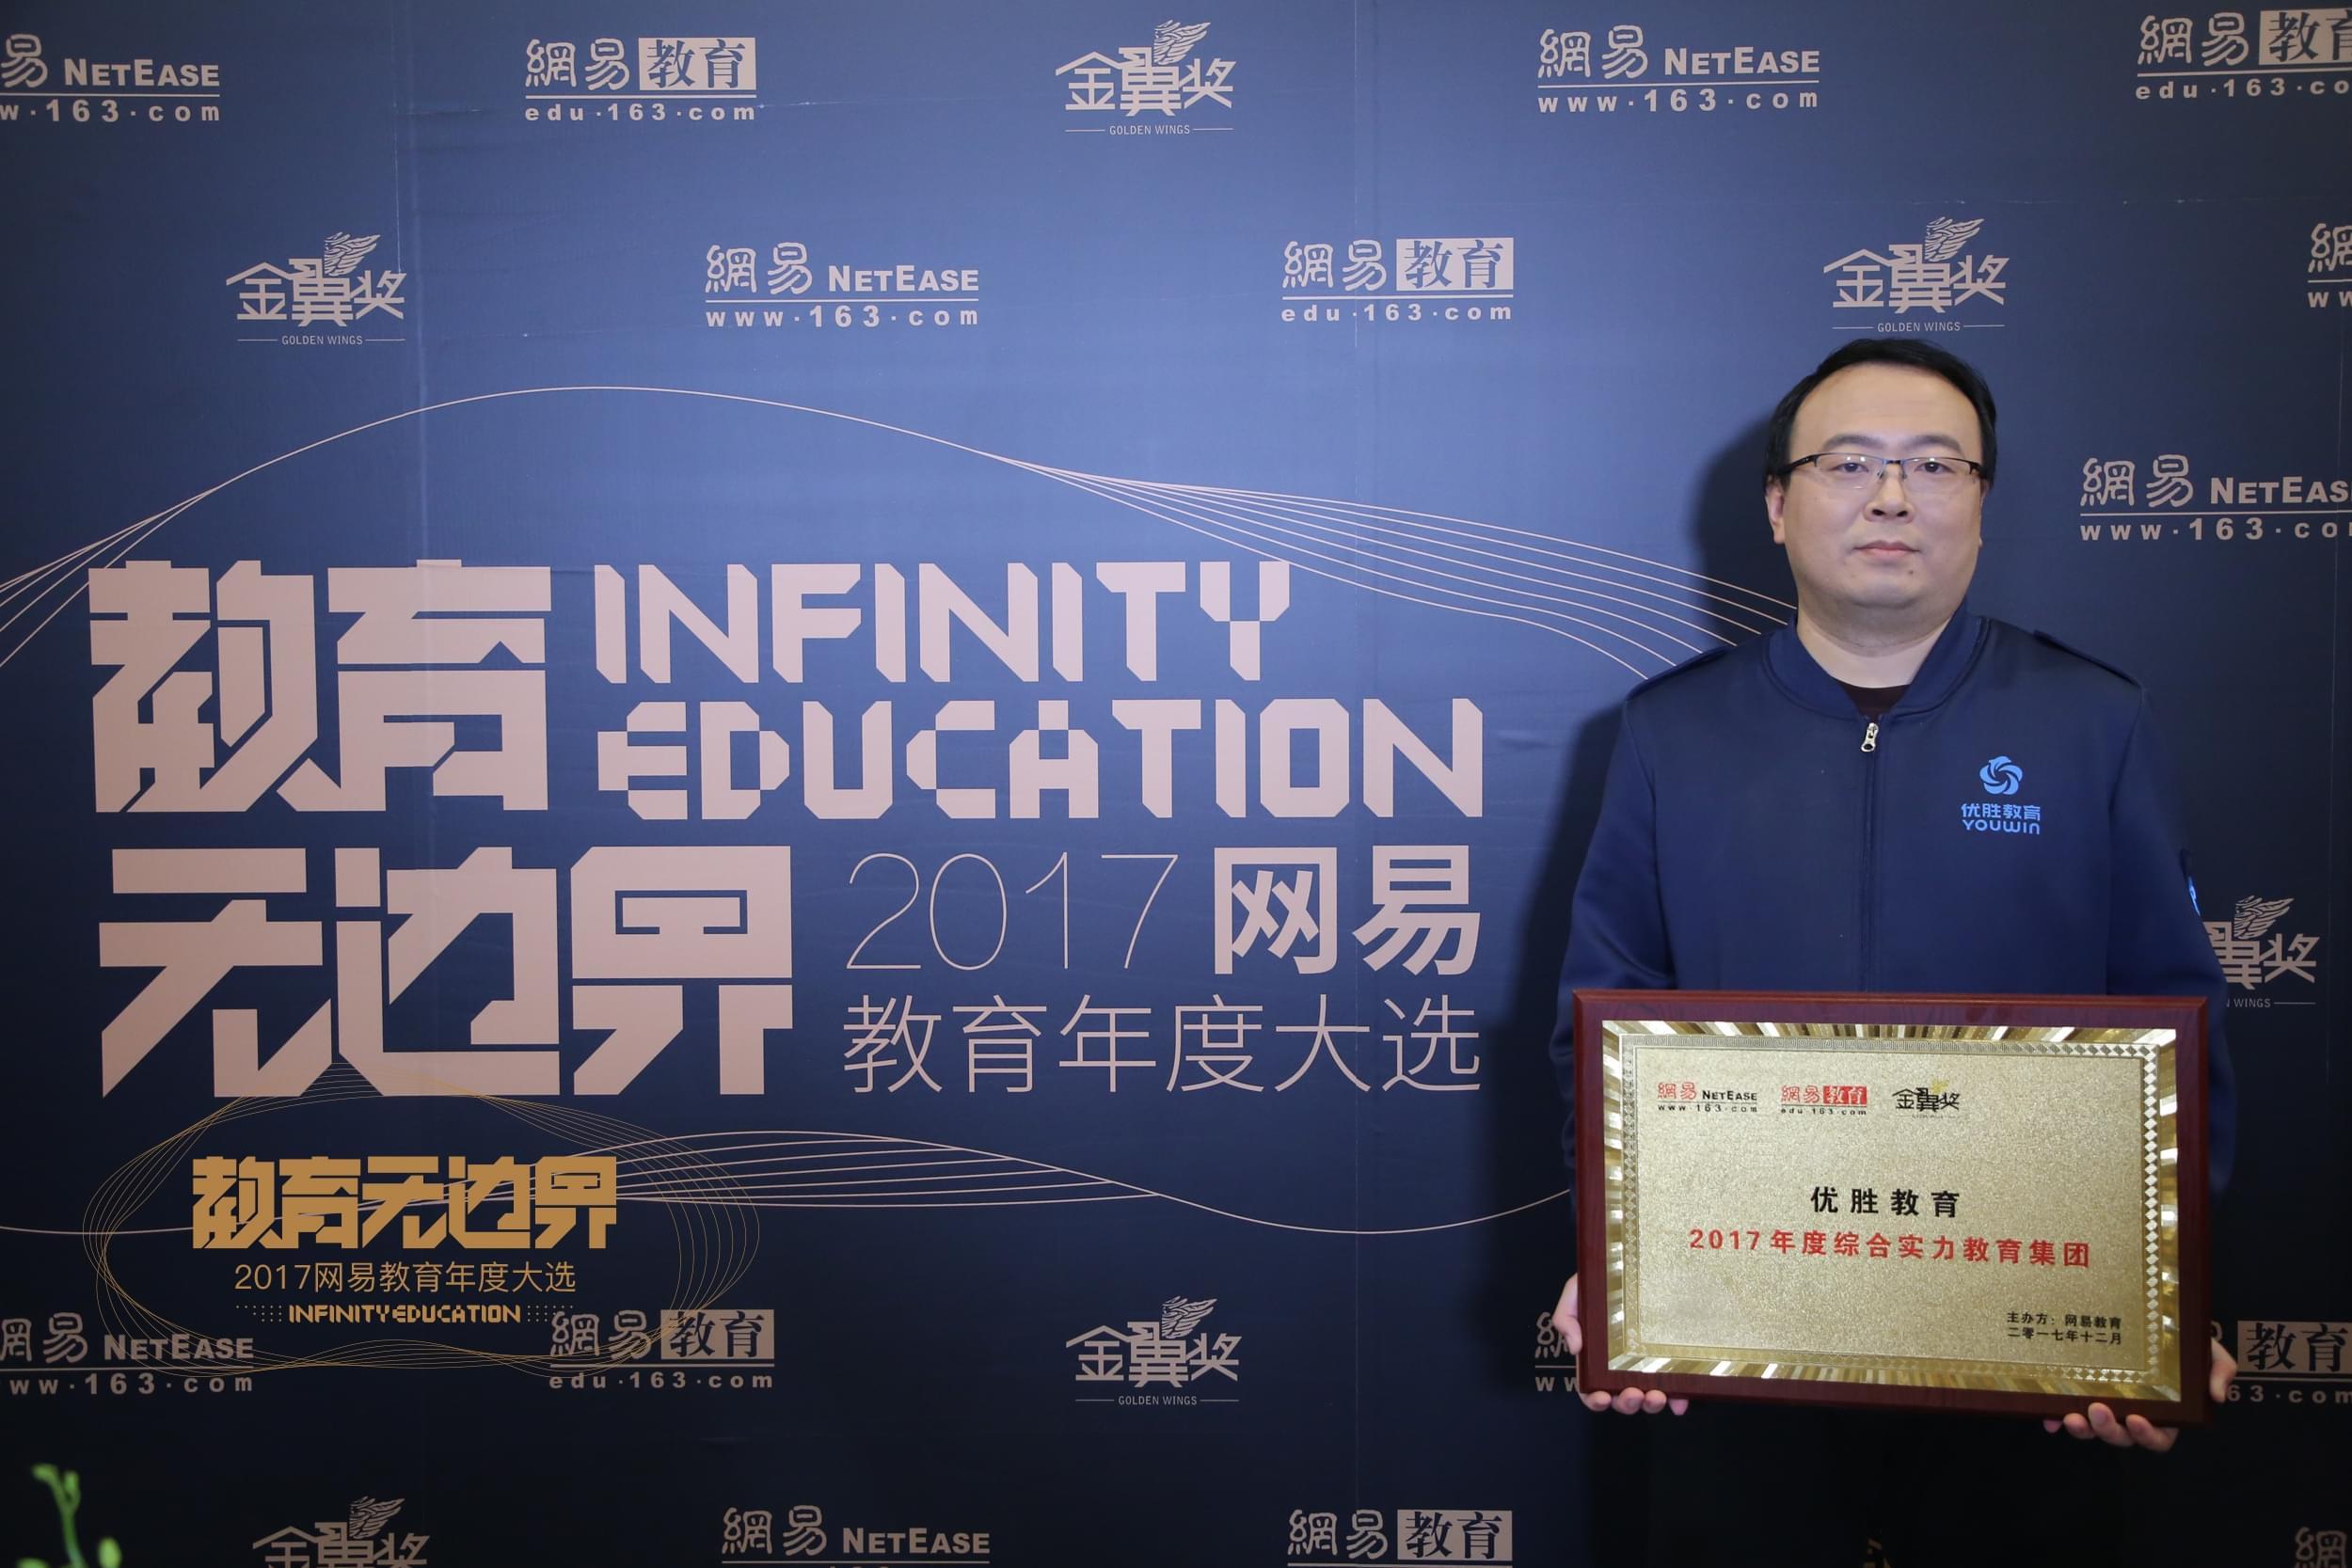 优胜教育执行董事 刘欣伟先生